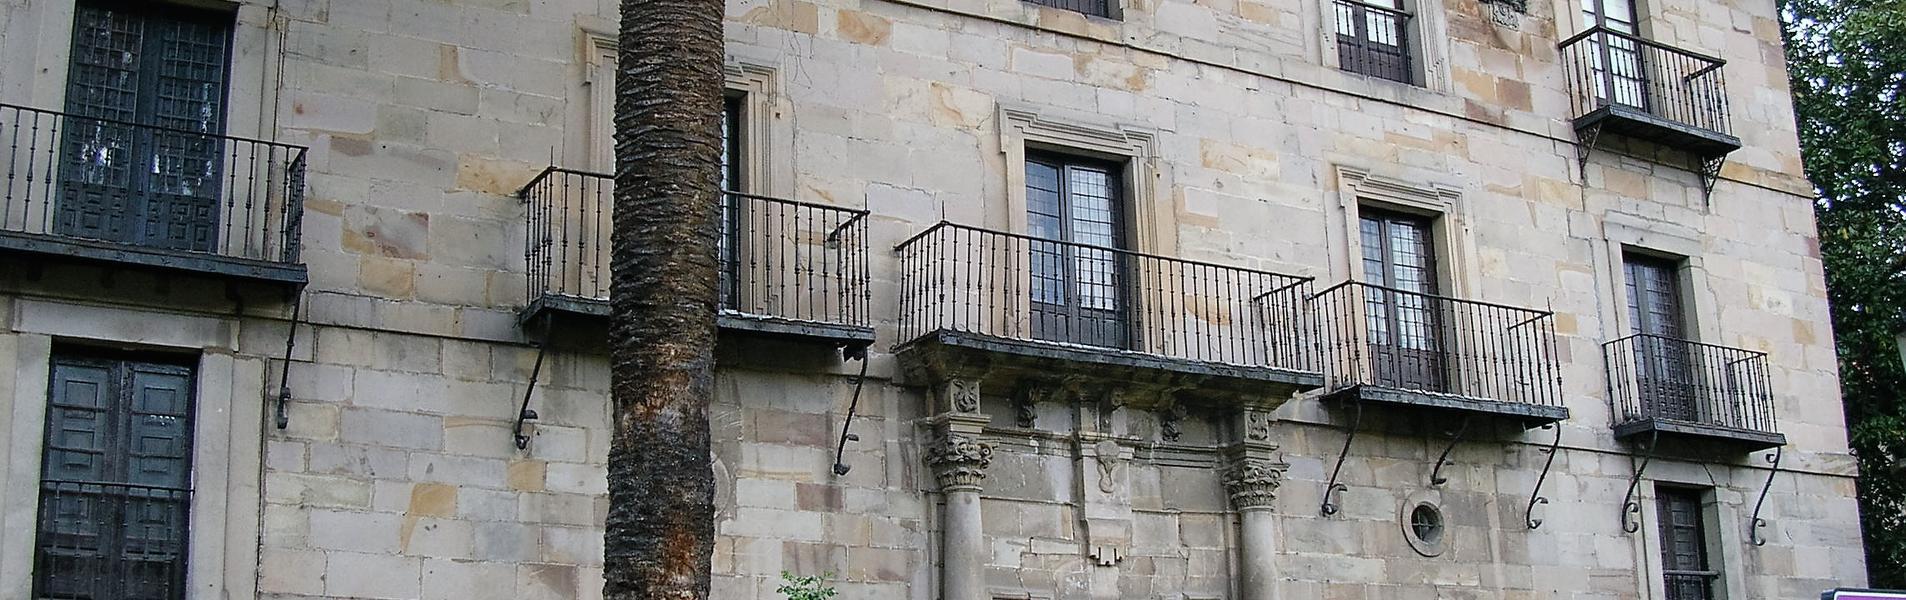 Palacio de Horkasitas